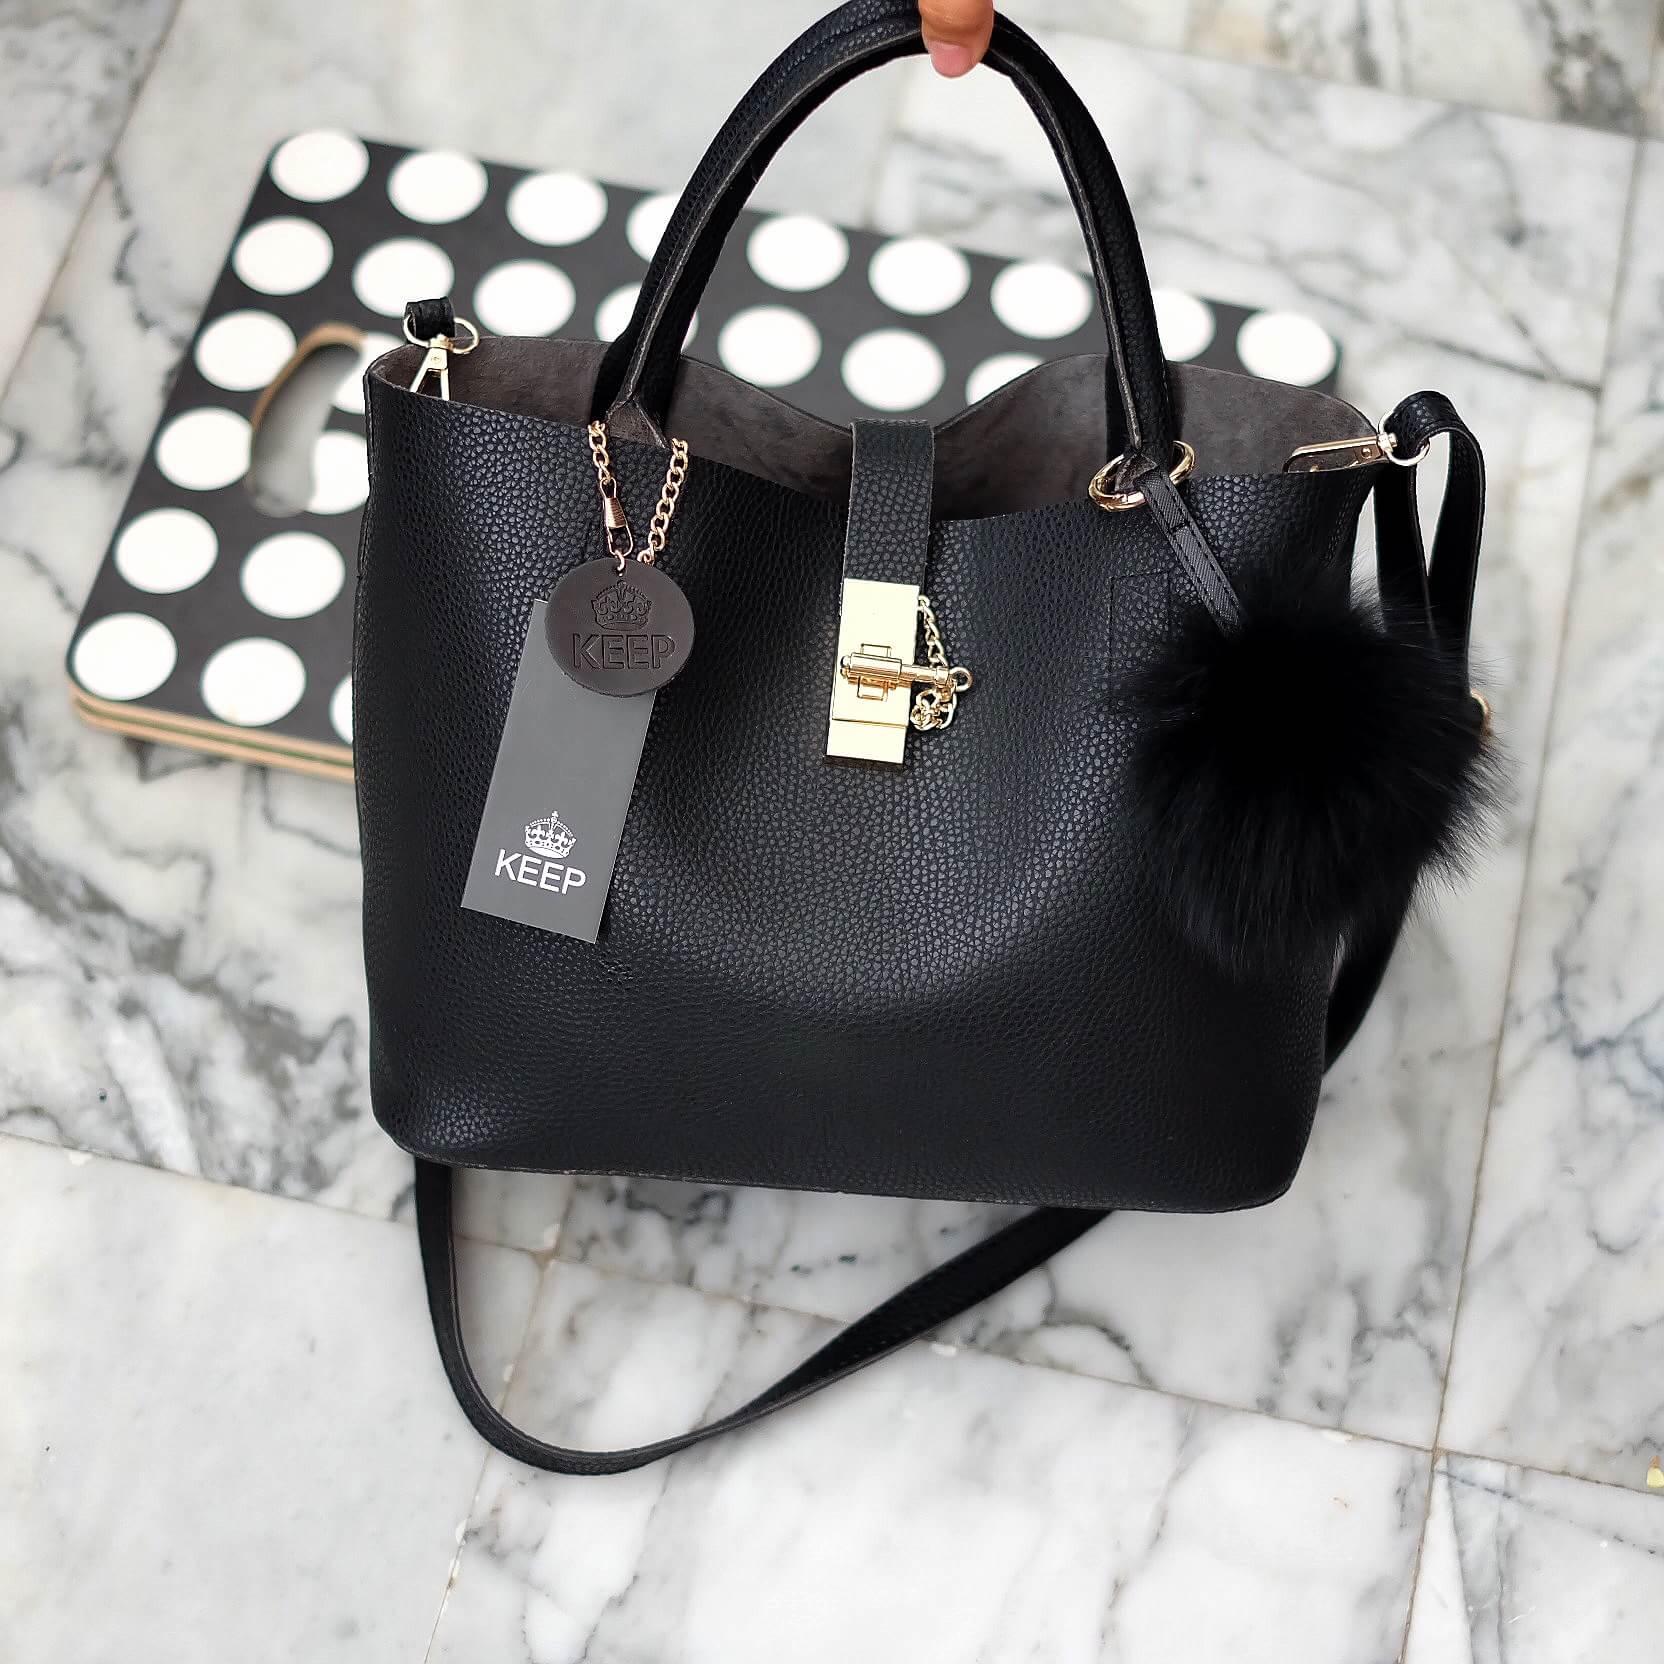 กระเป๋า Keep 2 in 1 สีดำ ปรับเก็บทรง ได้ถึง 2 แบบ มาพร้อมพวงกุญแจ ปอมปอม ฟรุ้งฟริ้ง น่ารักมากคะ